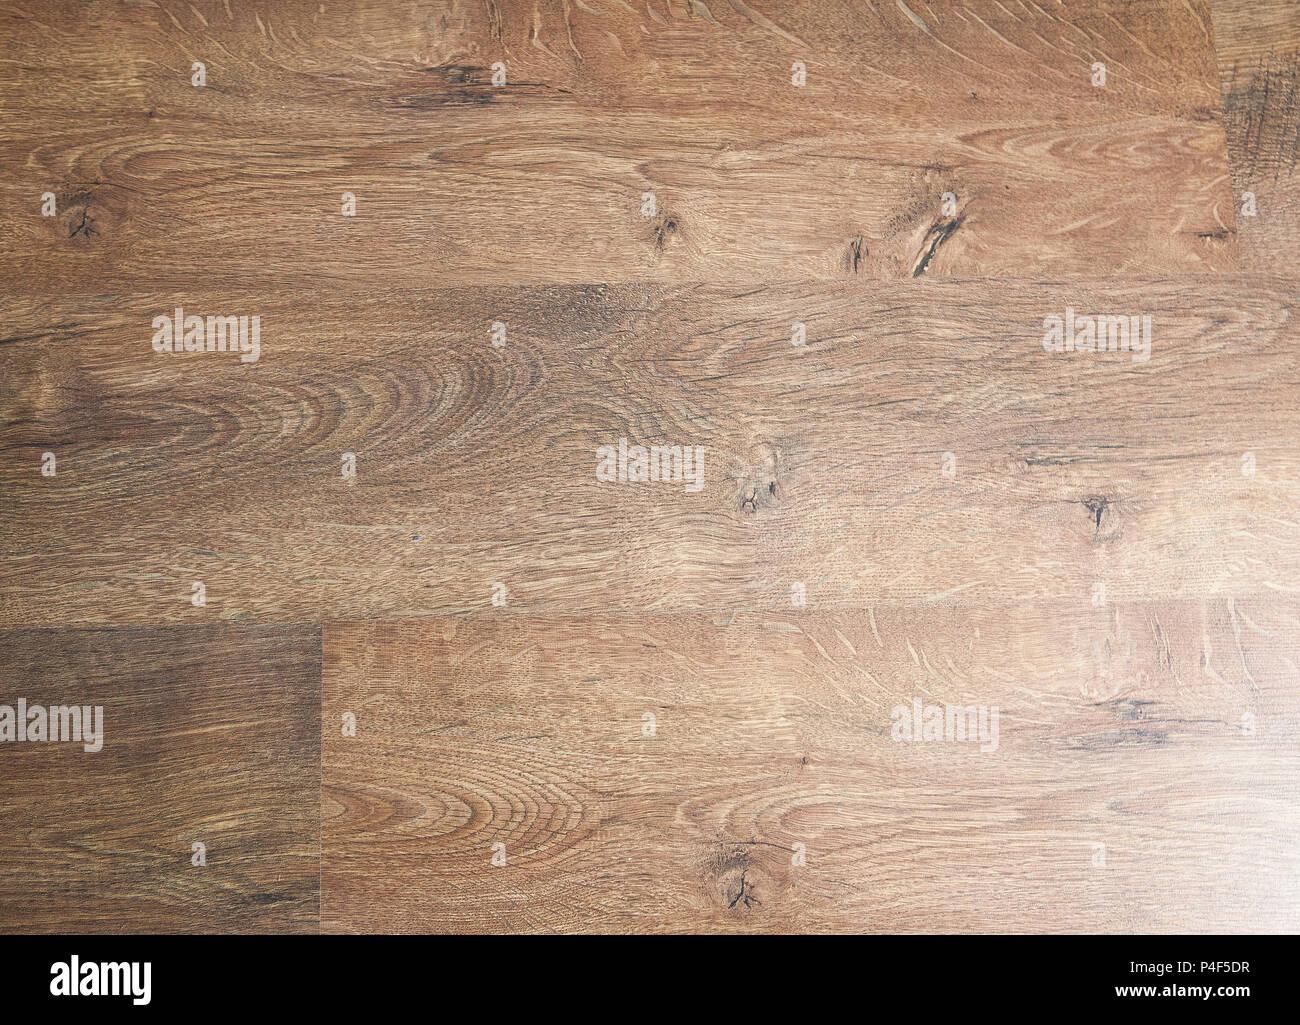 Eiche Dunkel Holzboden Parkett Parkett Eiche Laminat Stockfoto